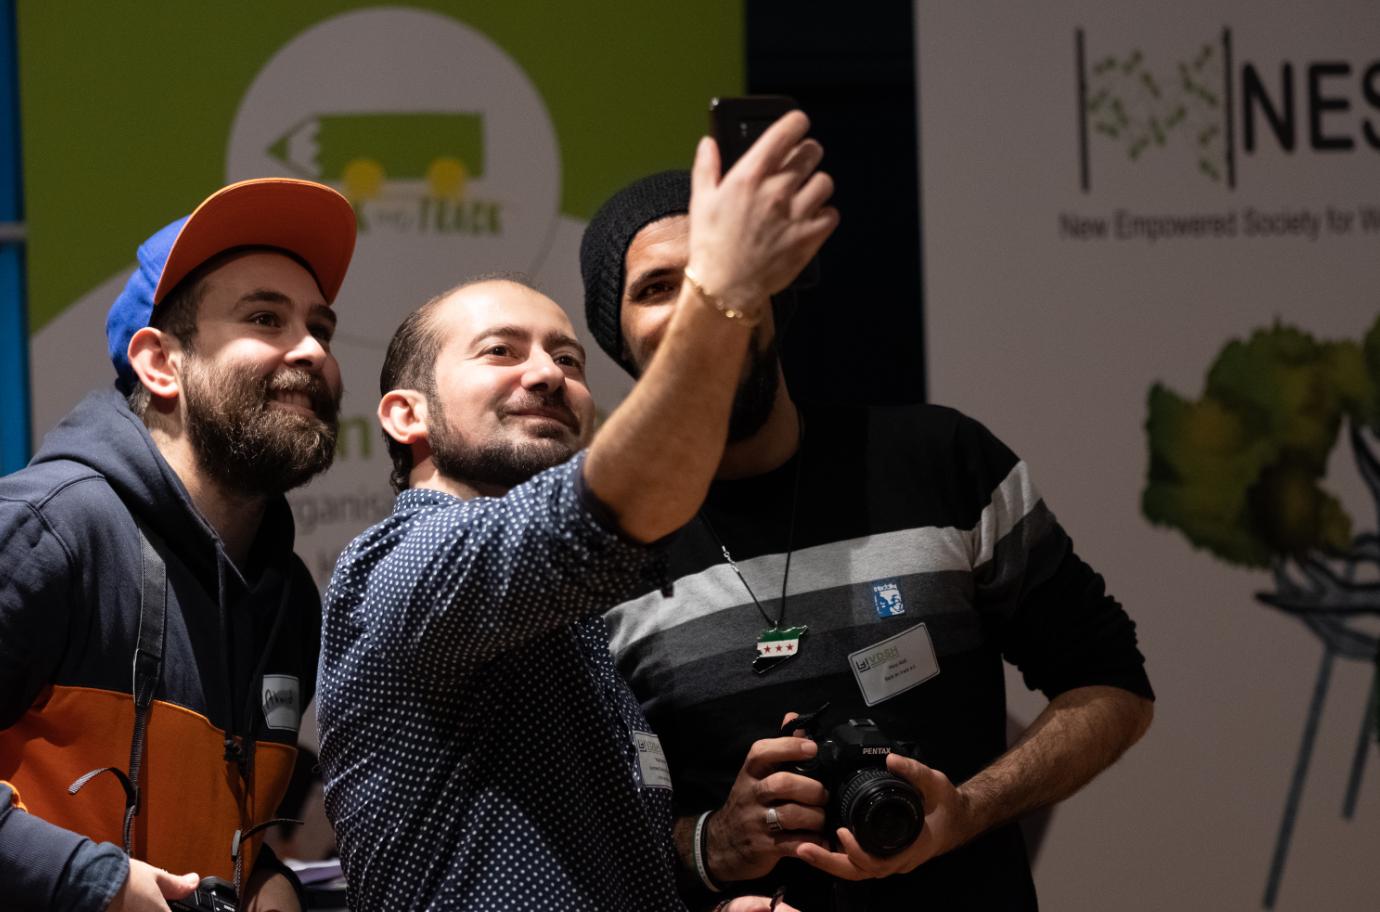 Fachtagung_Selfie